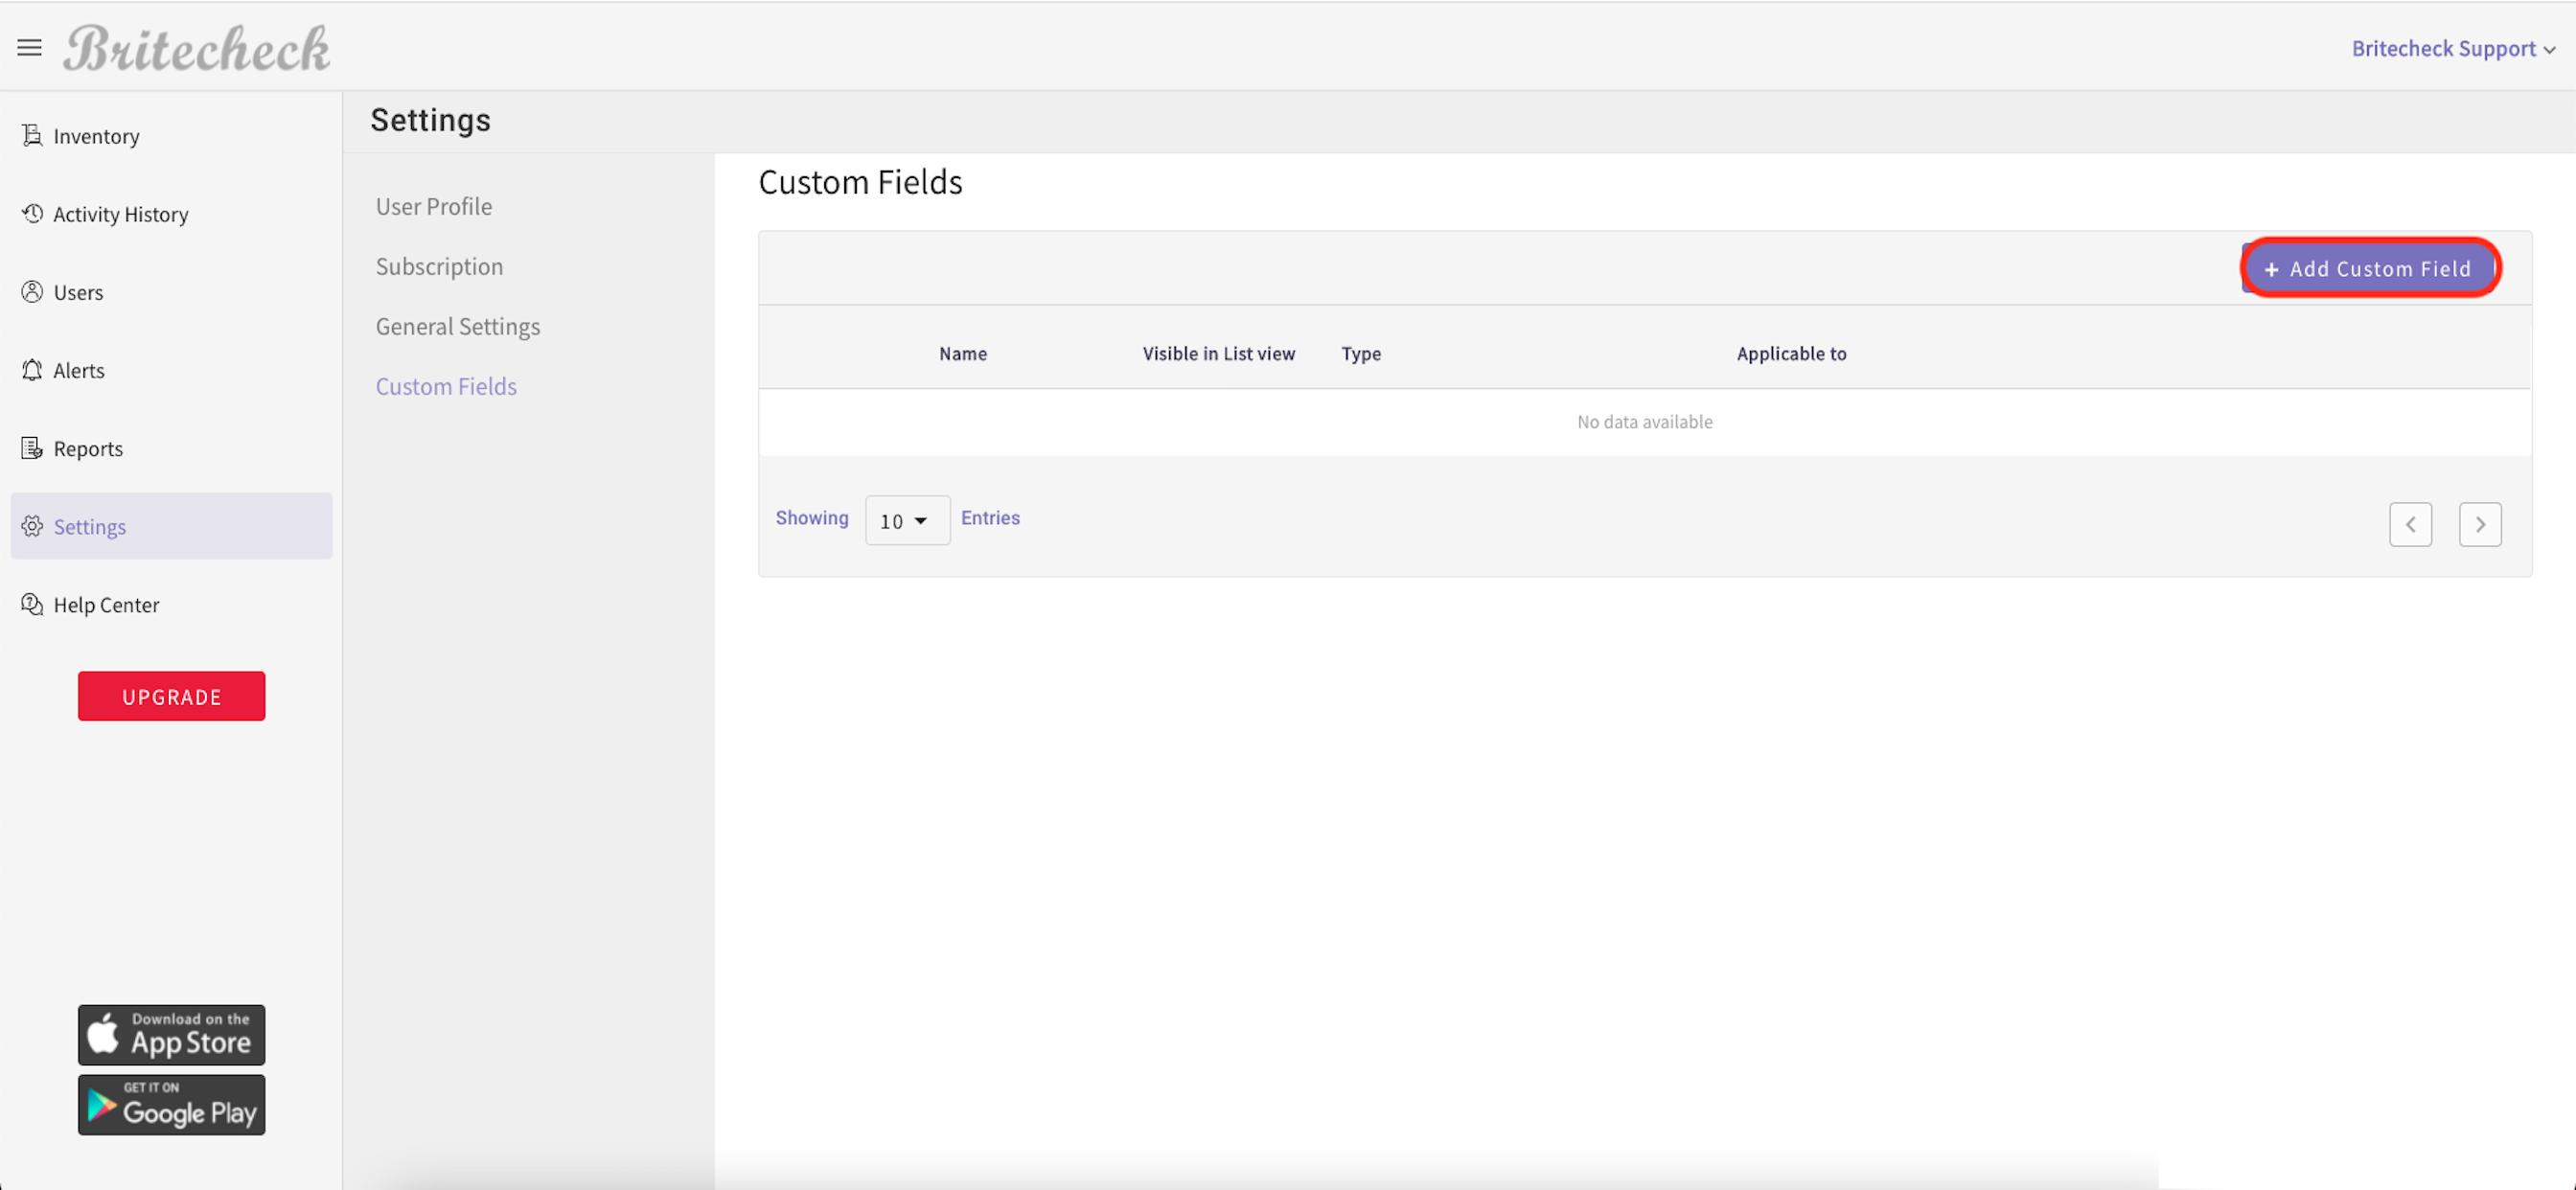 Britecheck add custom fields in settings